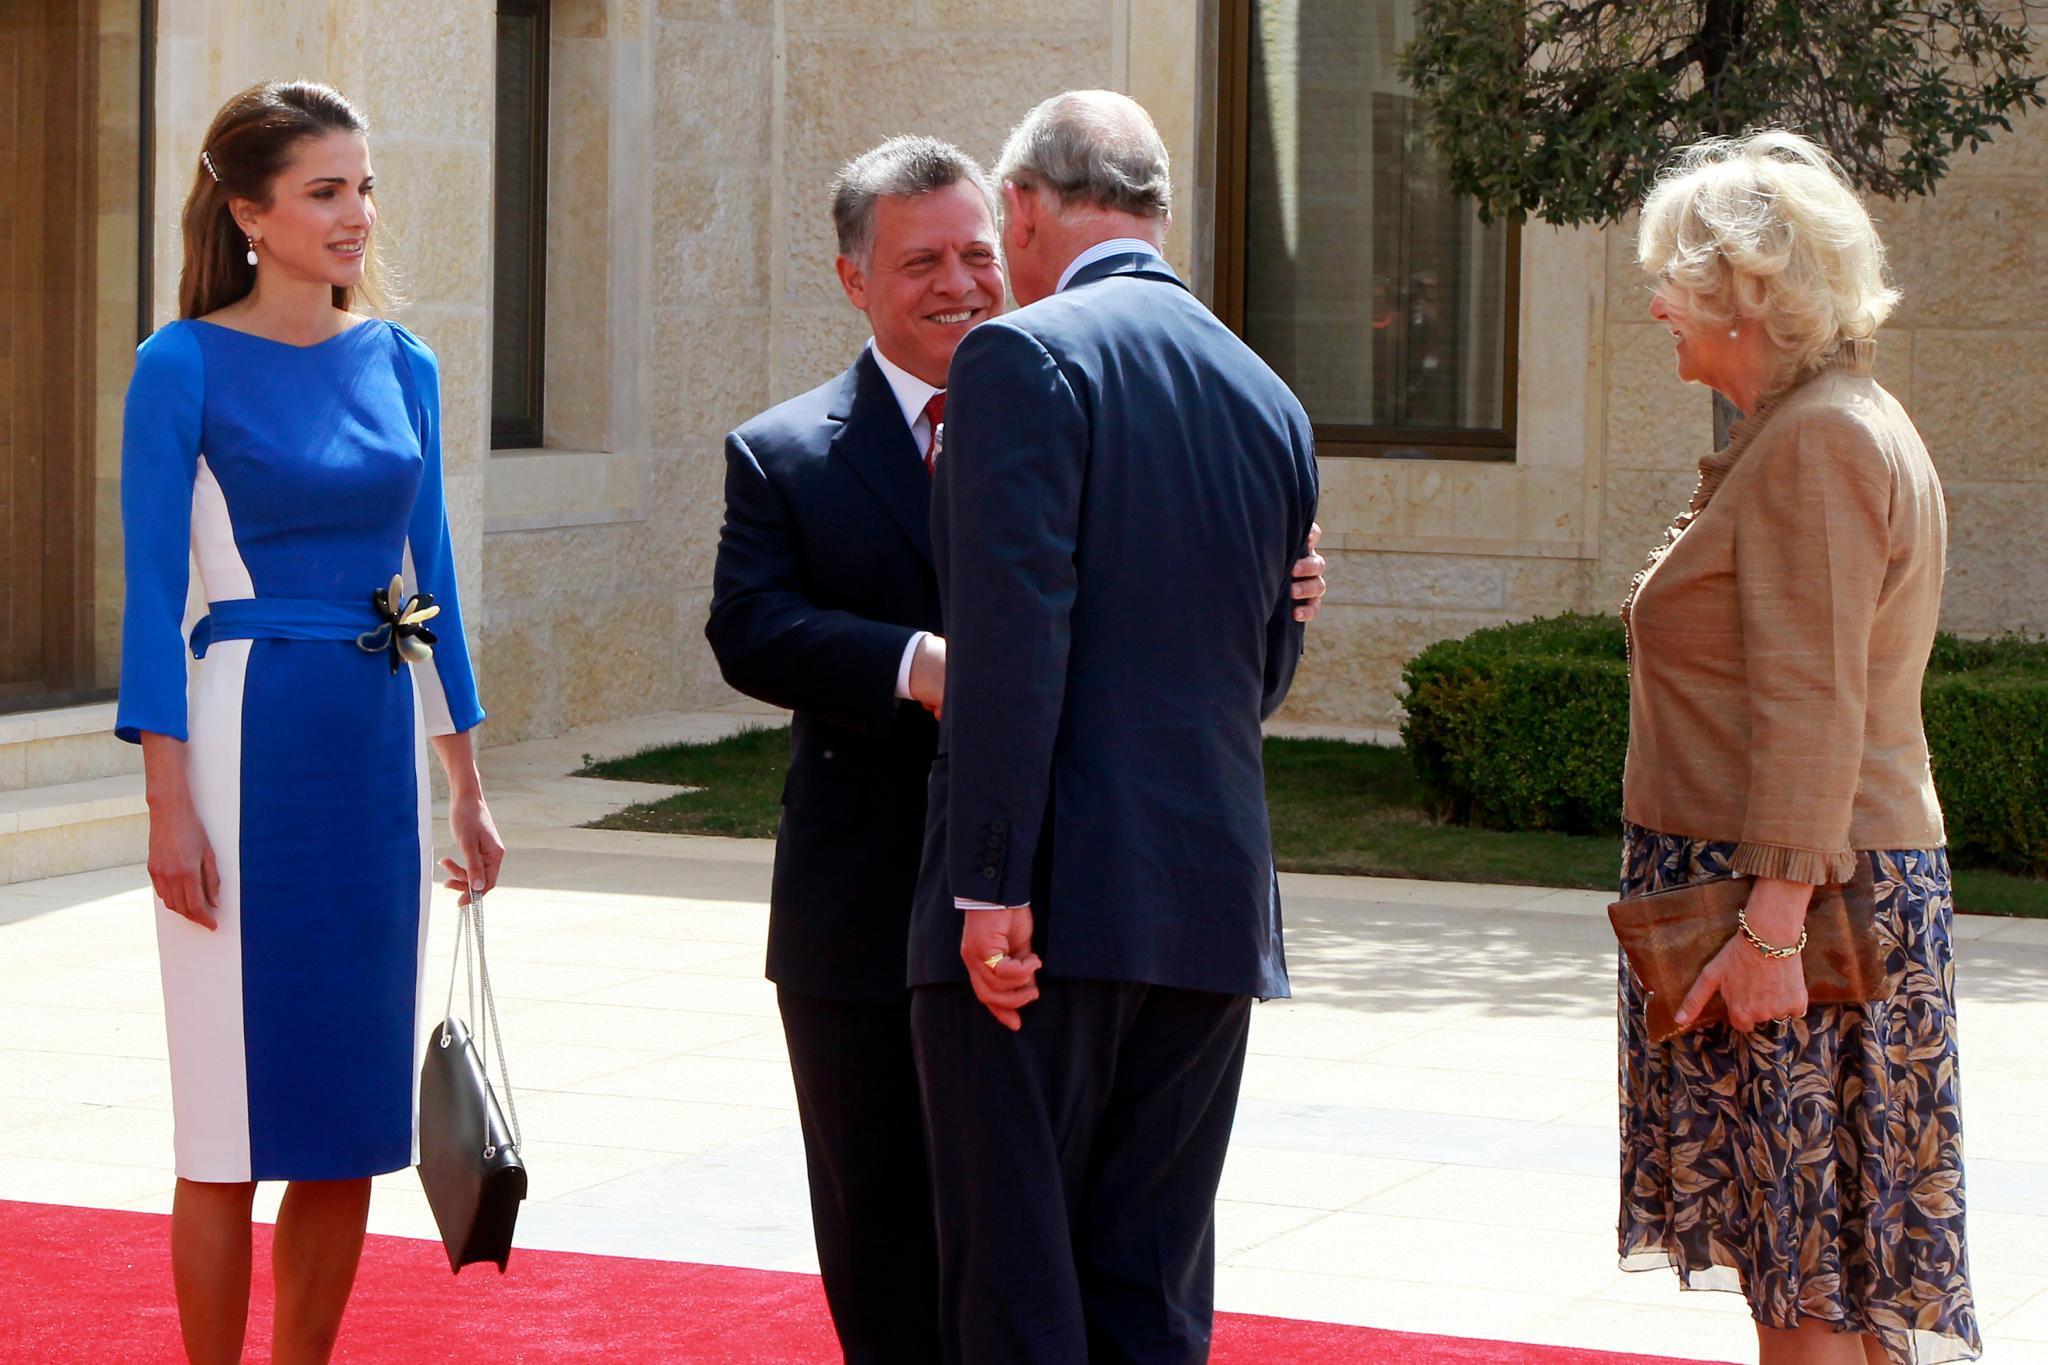 Jordaniens Königin Rania und ihr Mann, König Abdullah, empfangen die britische Abordnung aus Prinz Charles und der Herzogin von Cornwall